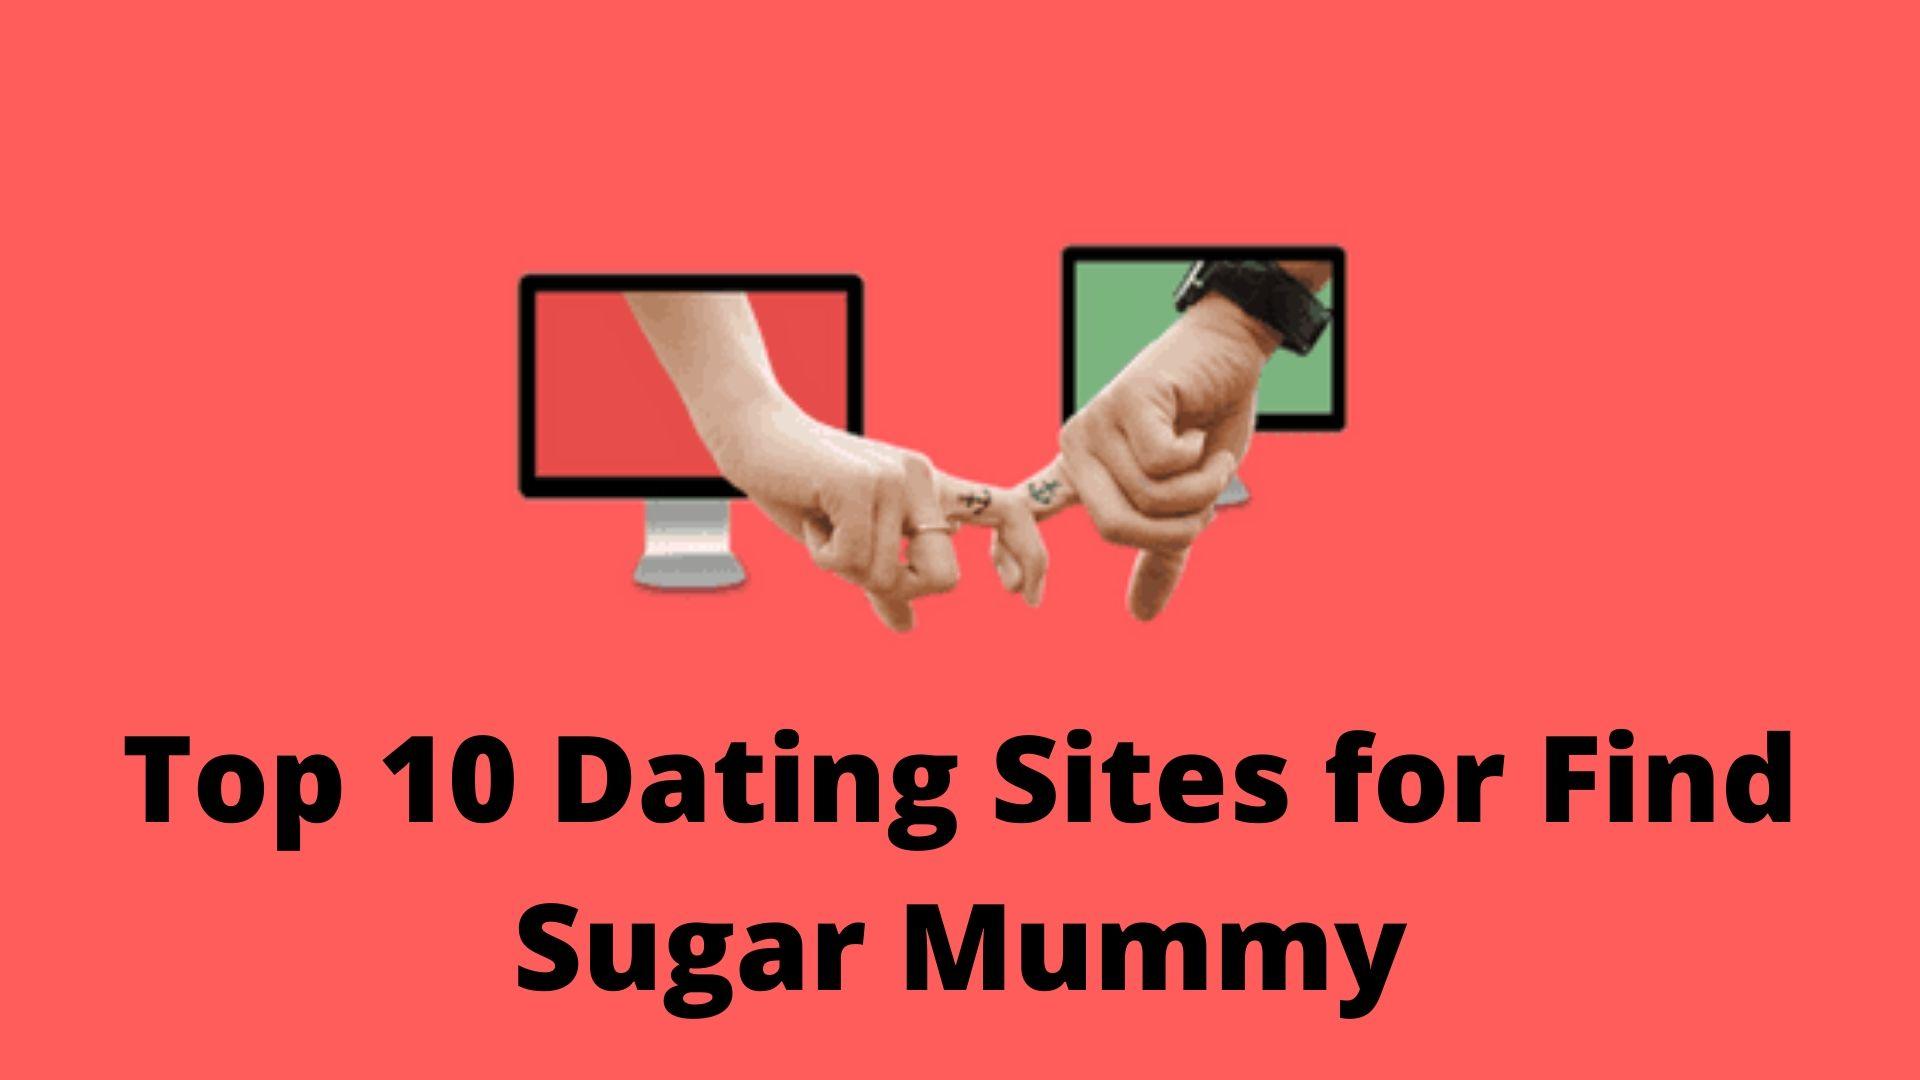 Sugar Mummy